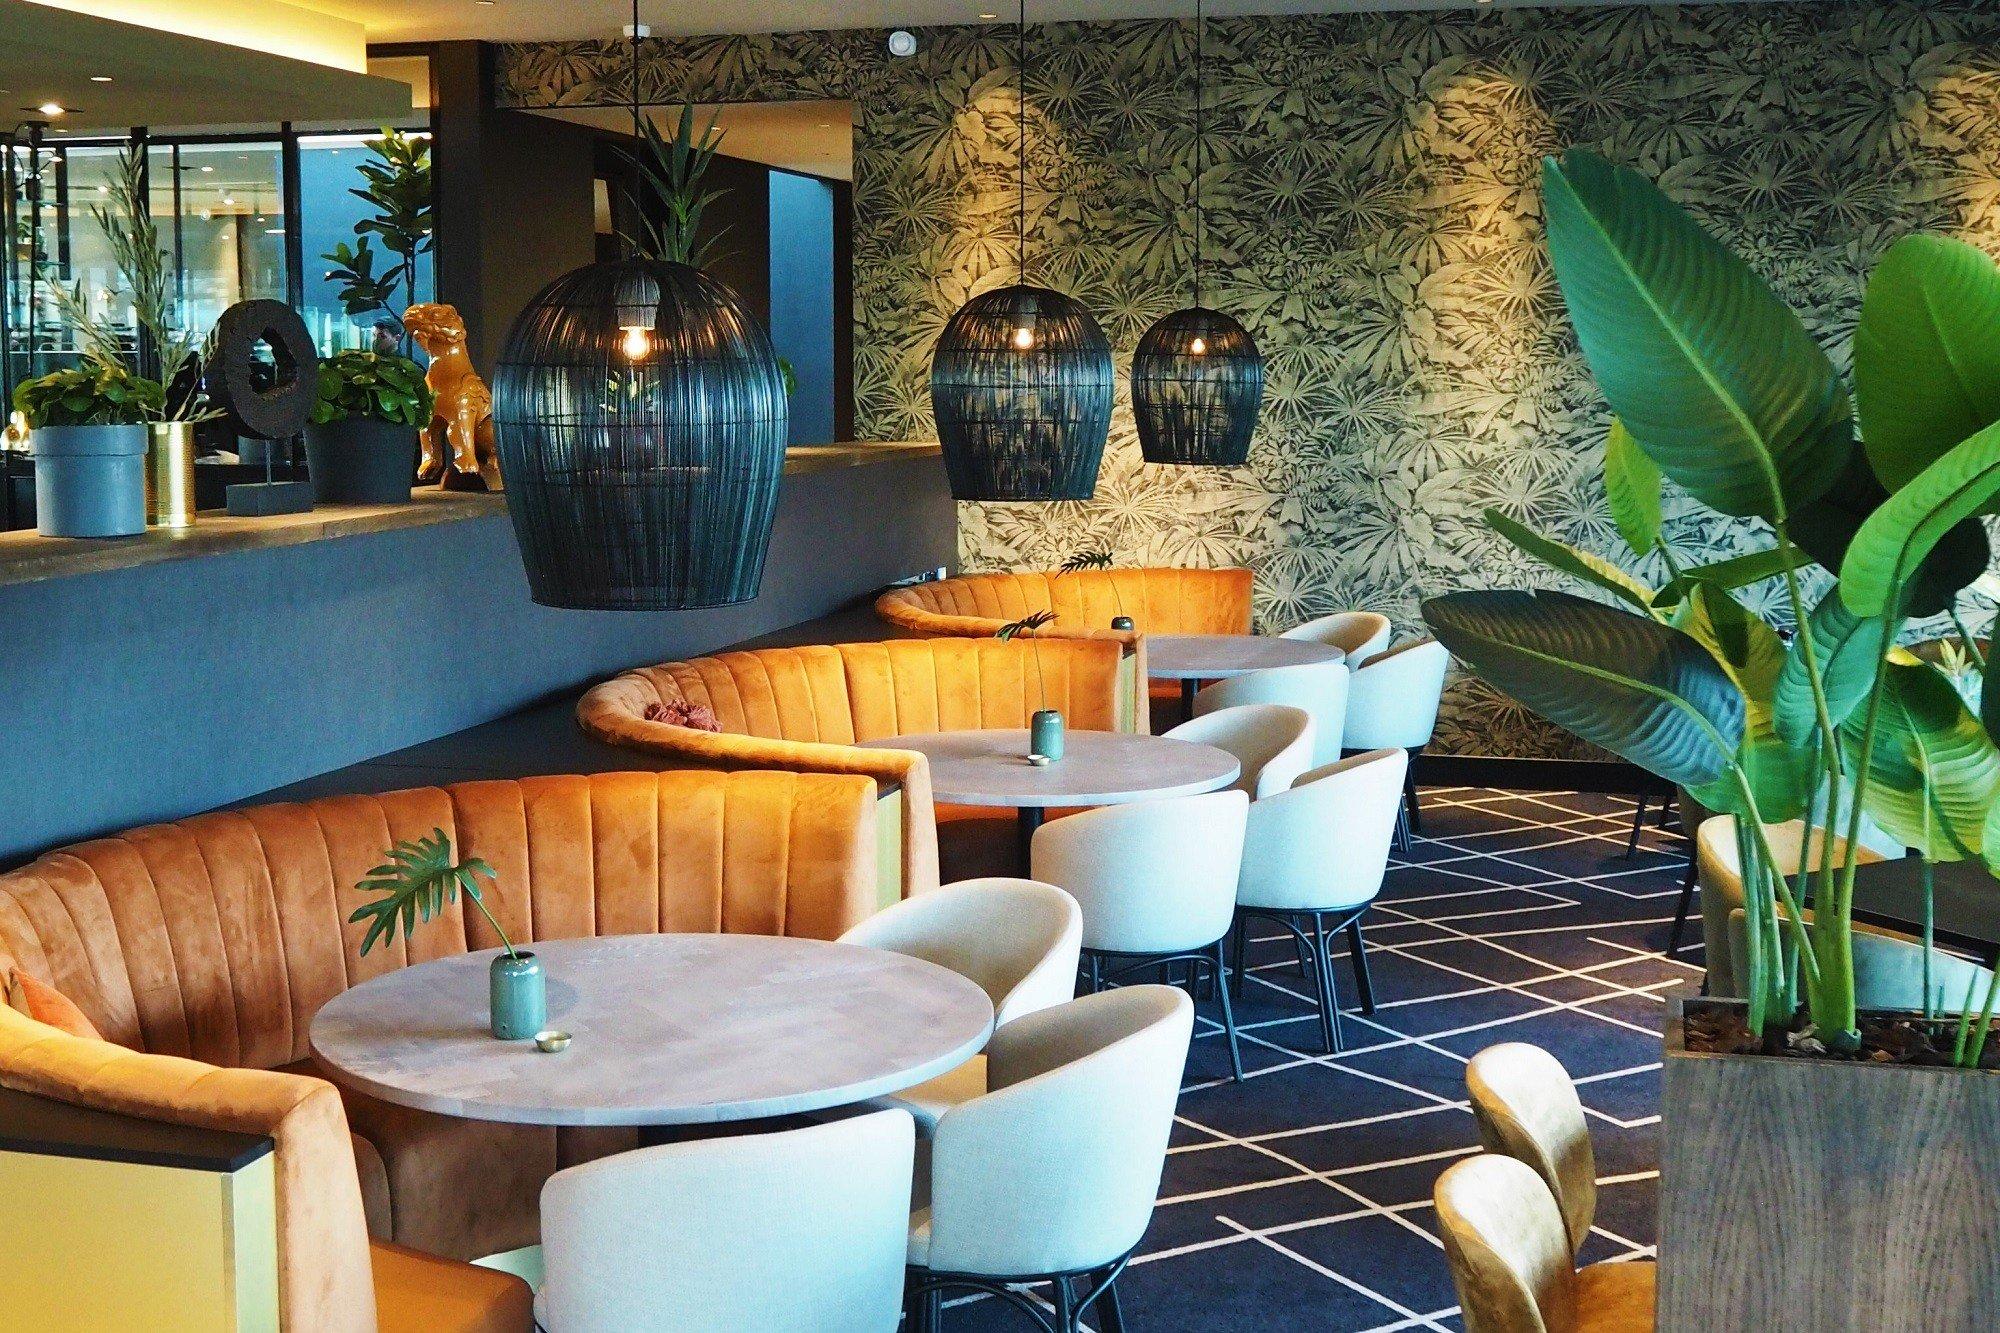 Dagaanbieding - 3-dagen-4-sterren-gerenoveerd-Van-der-Valk-hotel-tussen-Amsterdam-en-Utrecht dagelijkse koopjes